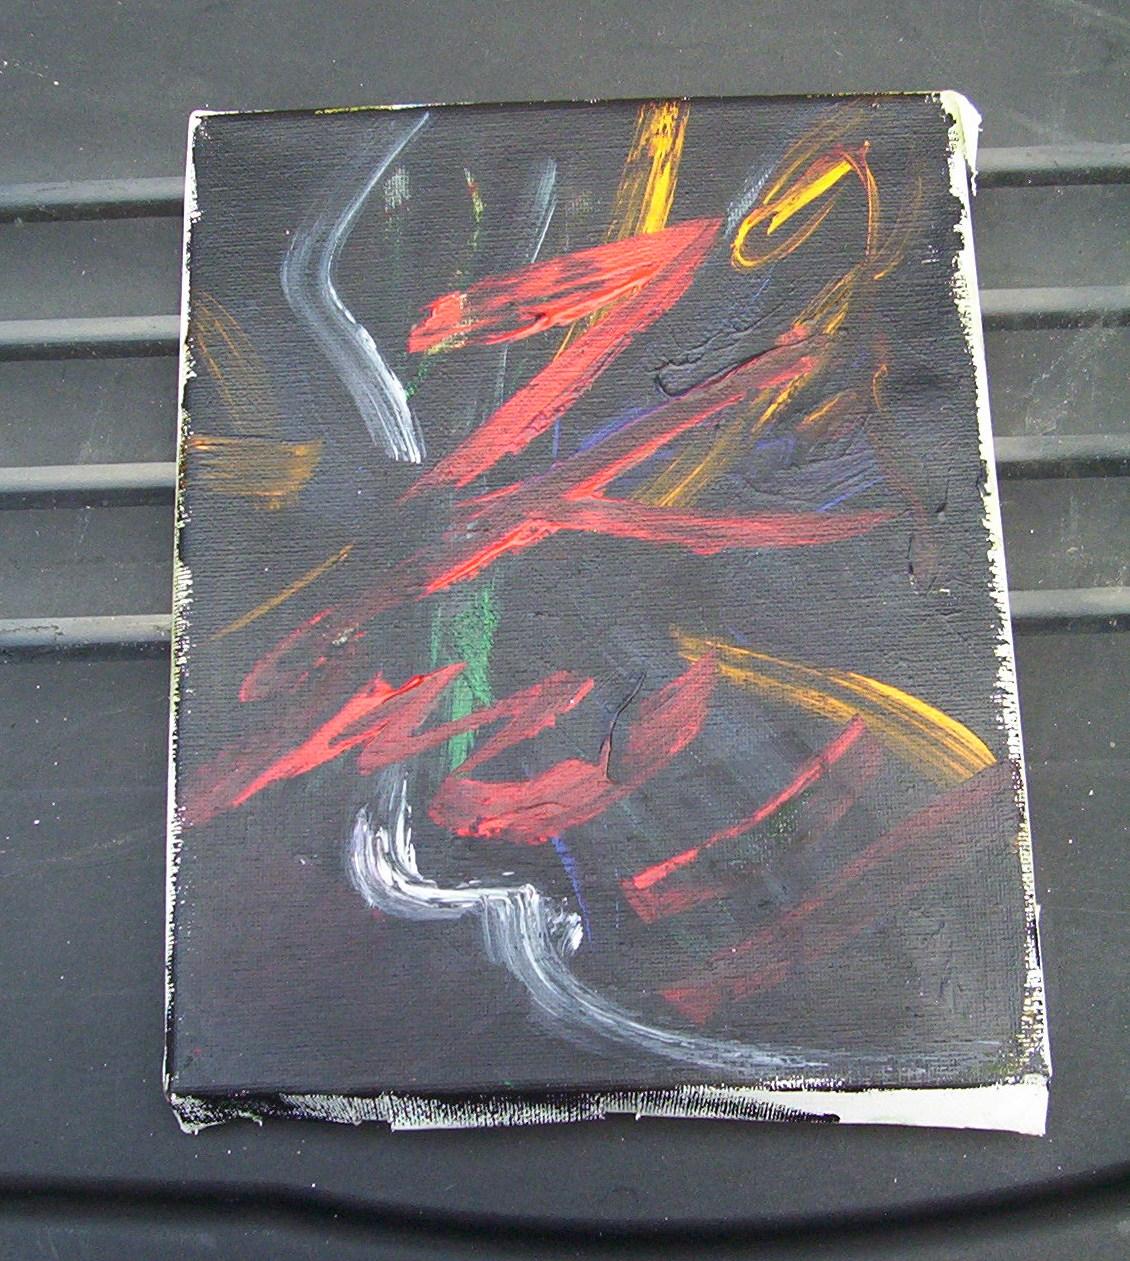 Rikki Tikki Tembo A Rickety Canvas